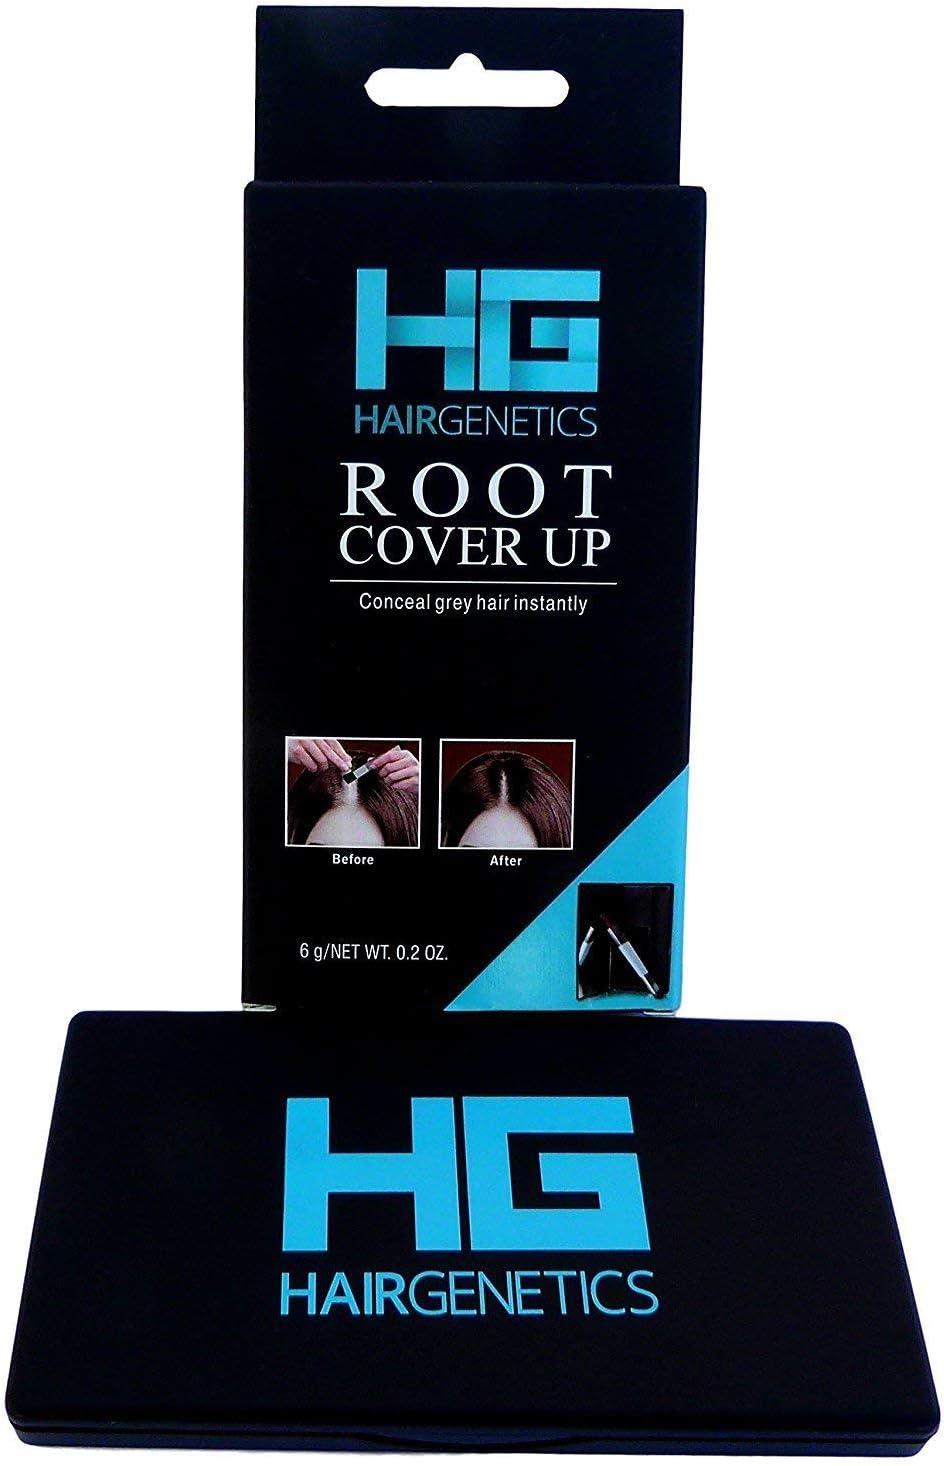 Hair Genetics® Retoca Raíces de Polvos Minerales de Aspecto Natural - Retocador de Raíces tras Coloración del Pelo para Cubrir Canas - Tinte de Cejas que Define y Rellena en Segundos (Negro)